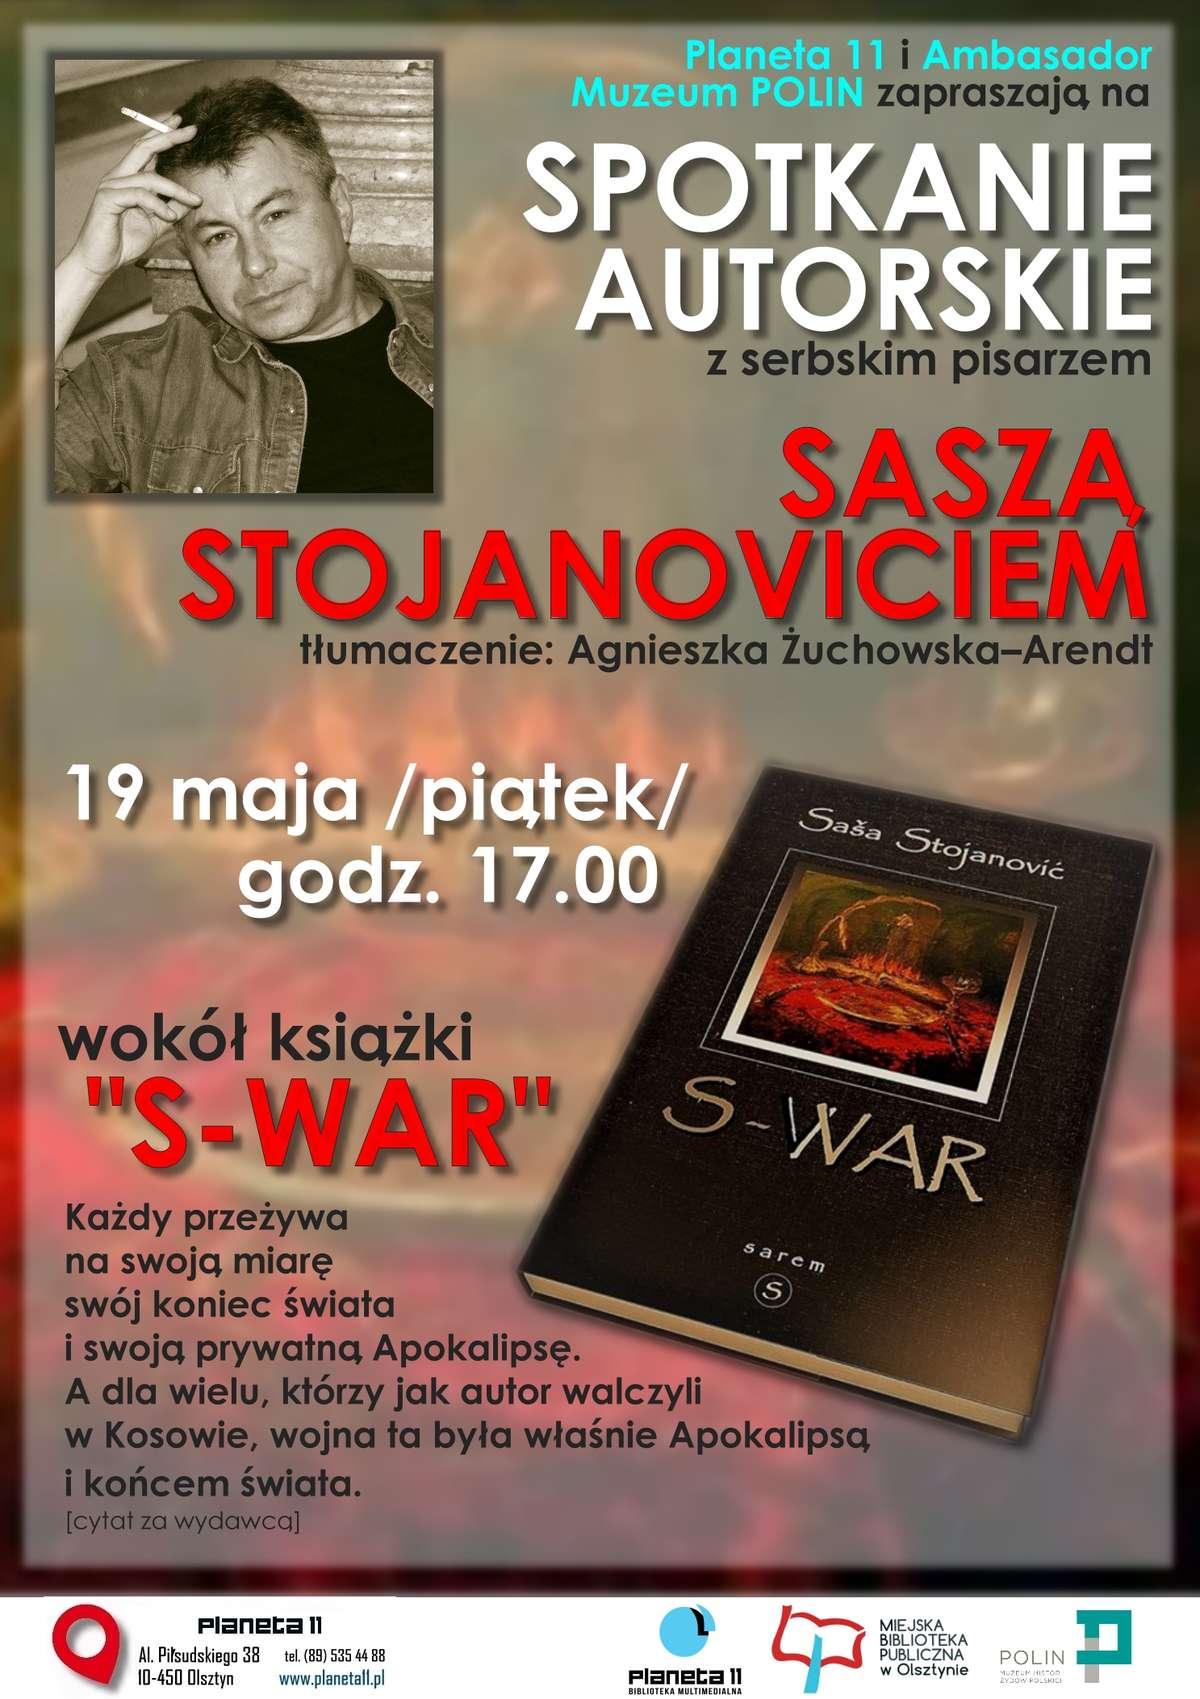 Spotkanie z Saszą Stojanoviciem  - full image